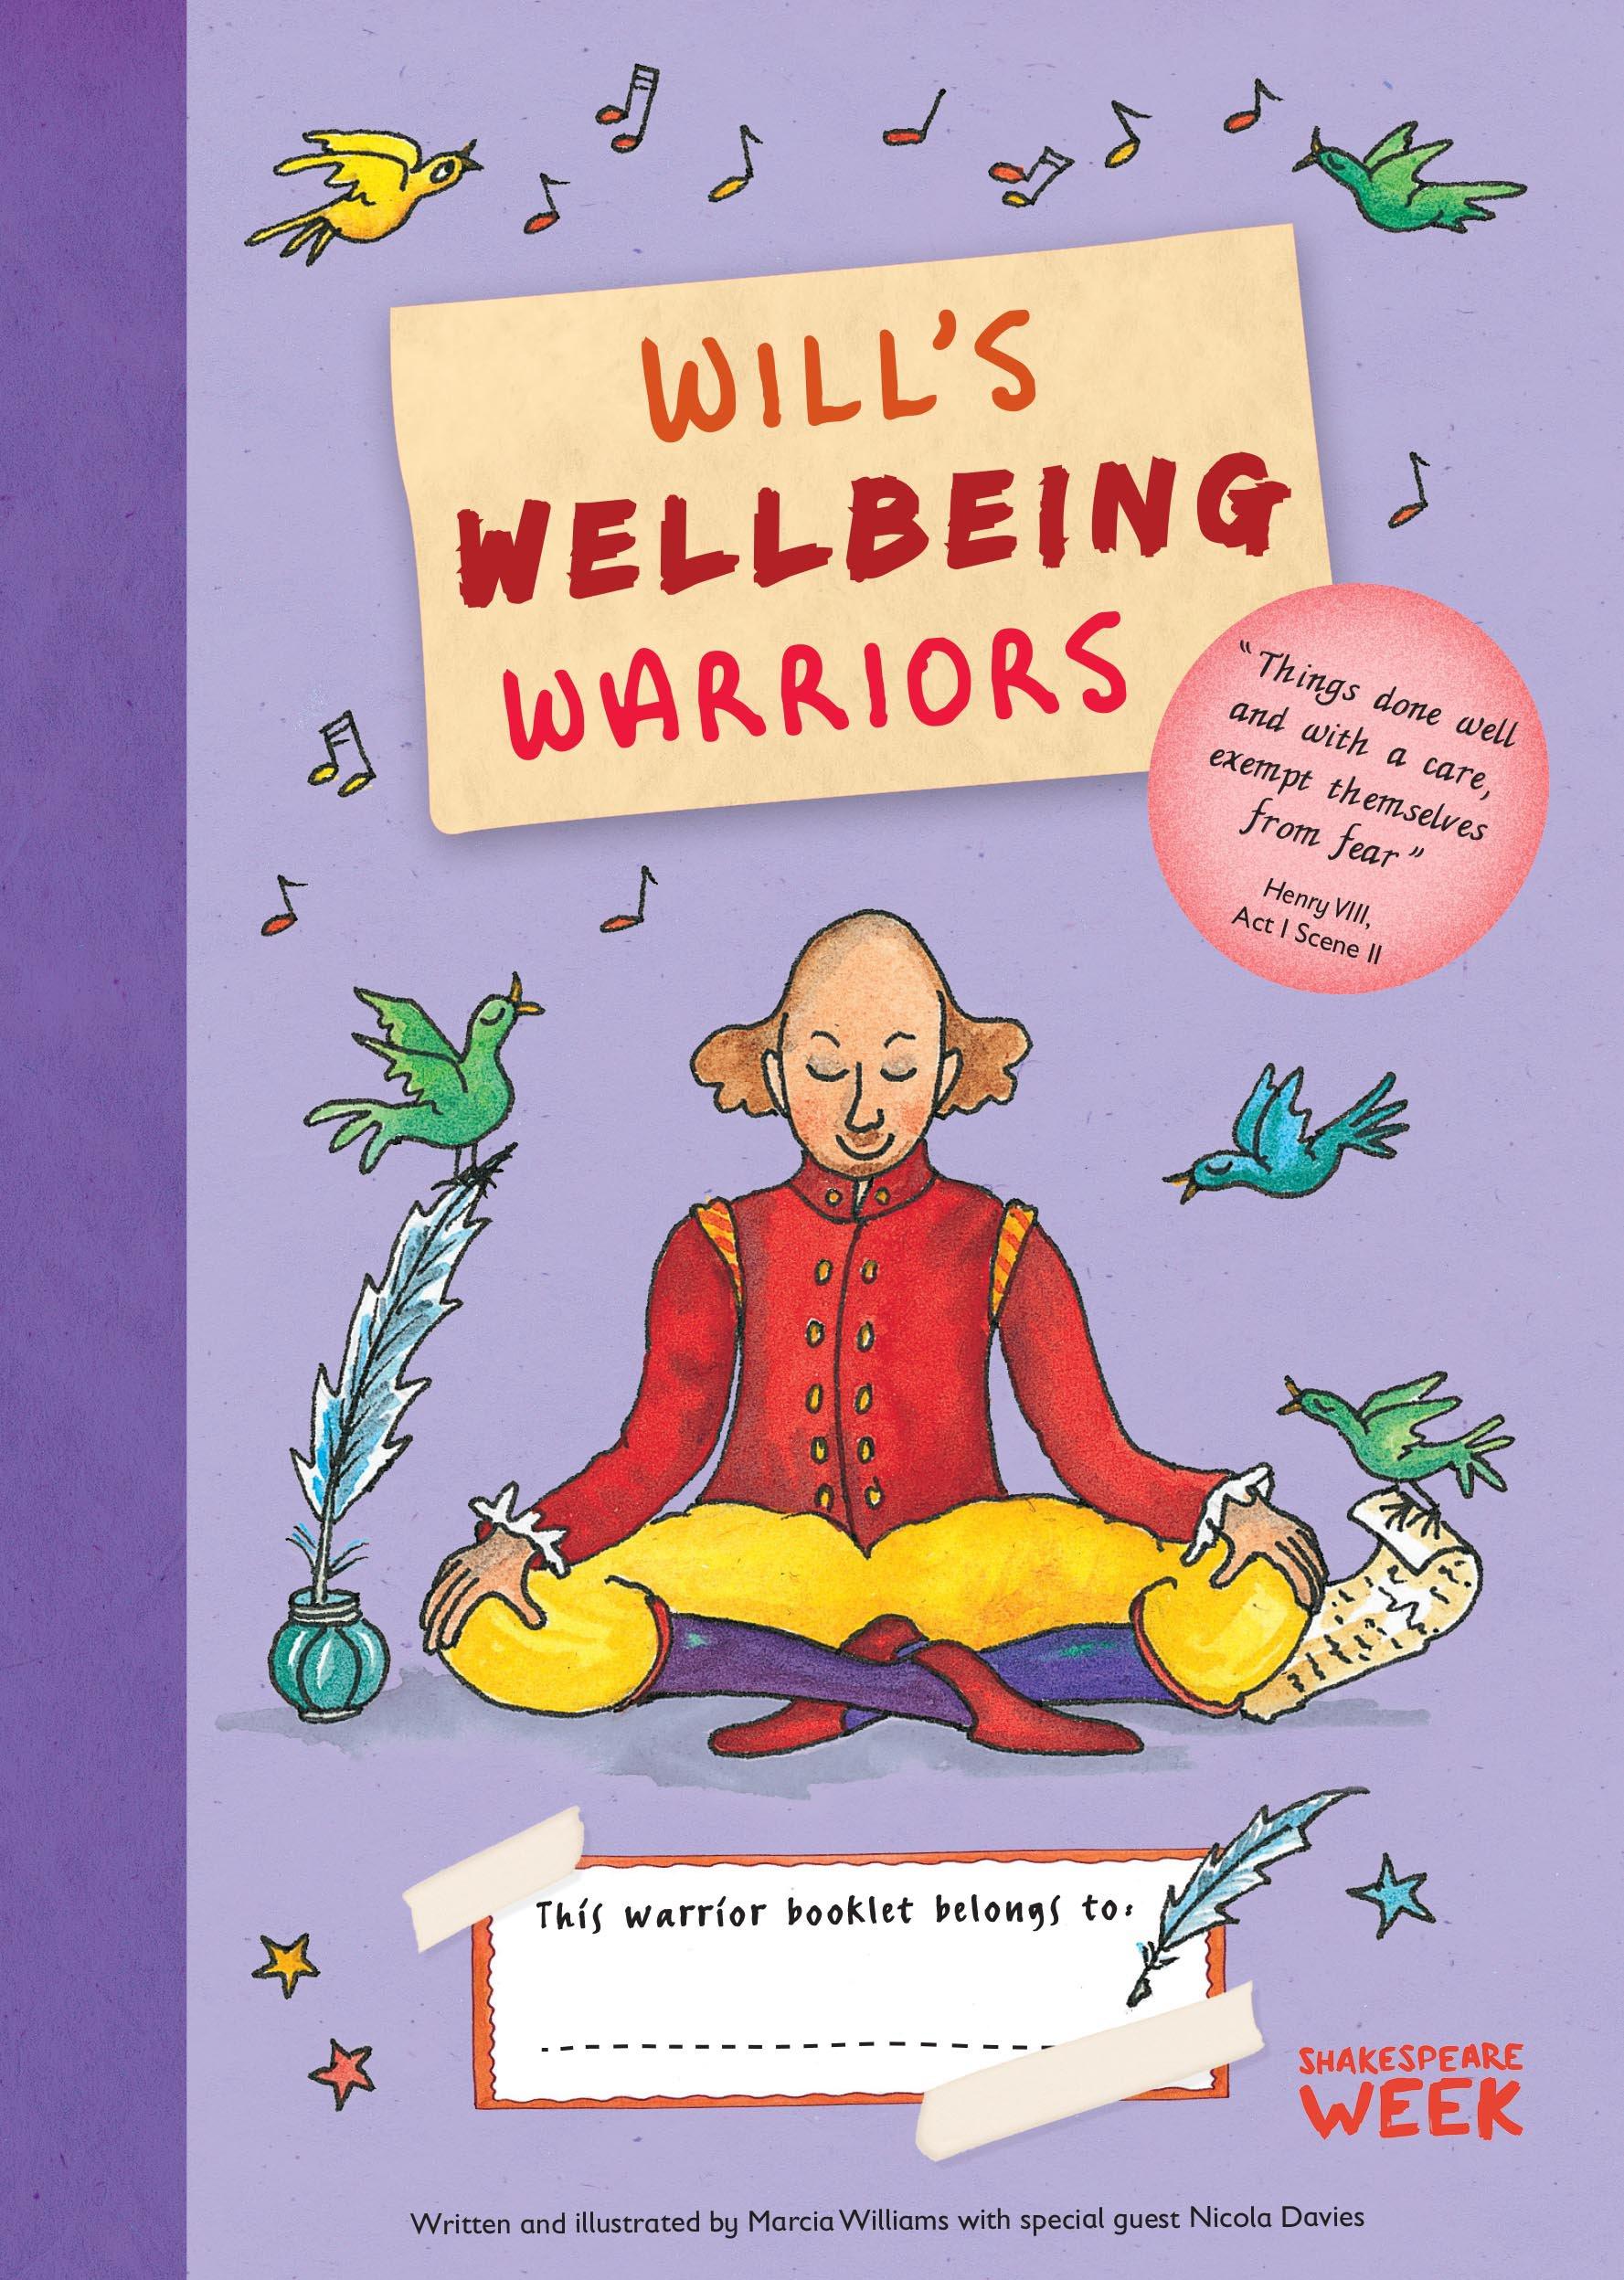 SBT_Wellbeing_Booklet_Cover for website v2.jpg